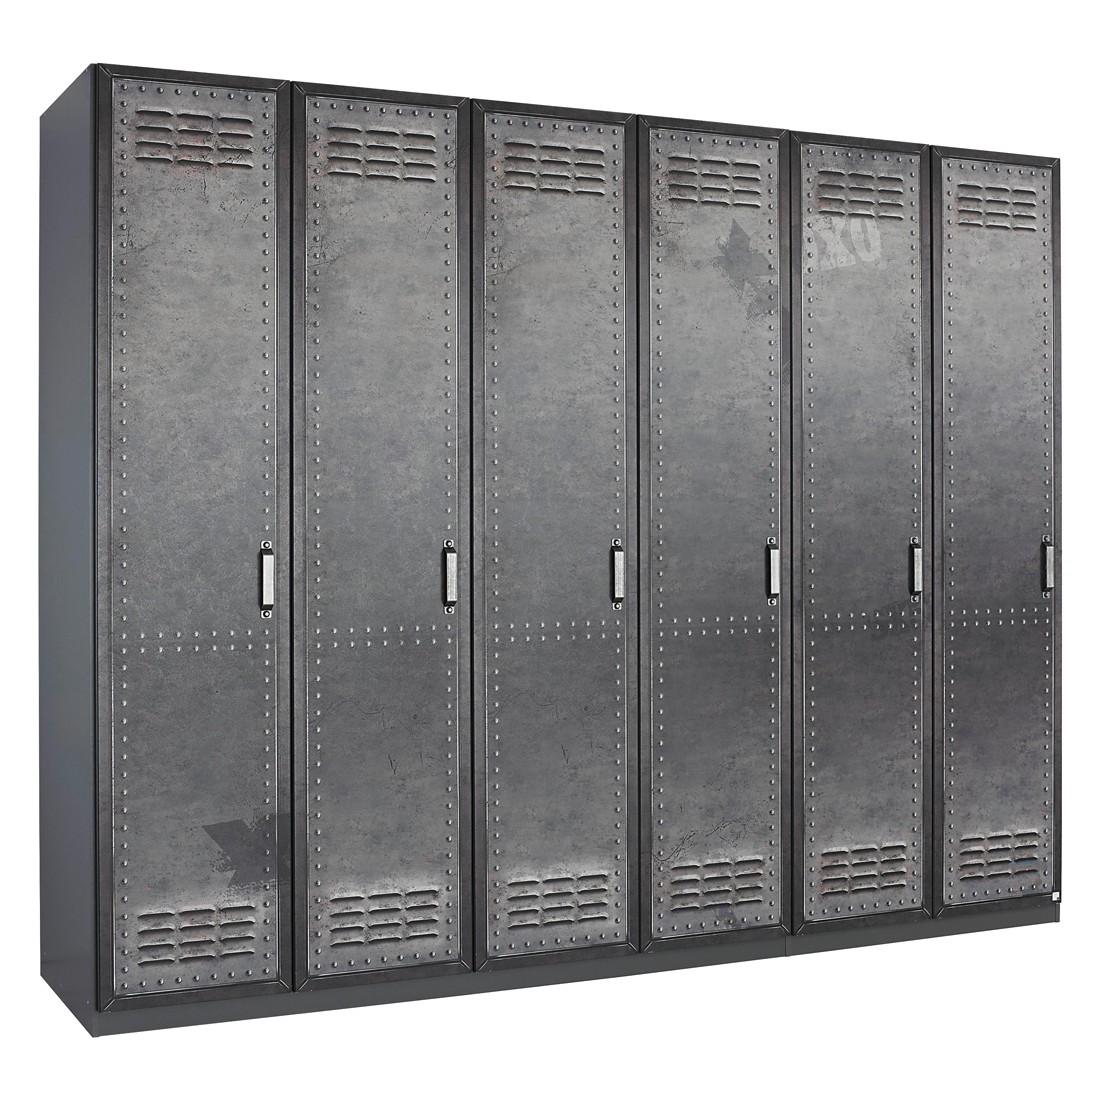 goedkoop Draaideurkast Workbase industrial print look grafietkleurig 225cm 5 deurs scharnieren links Rauch Select